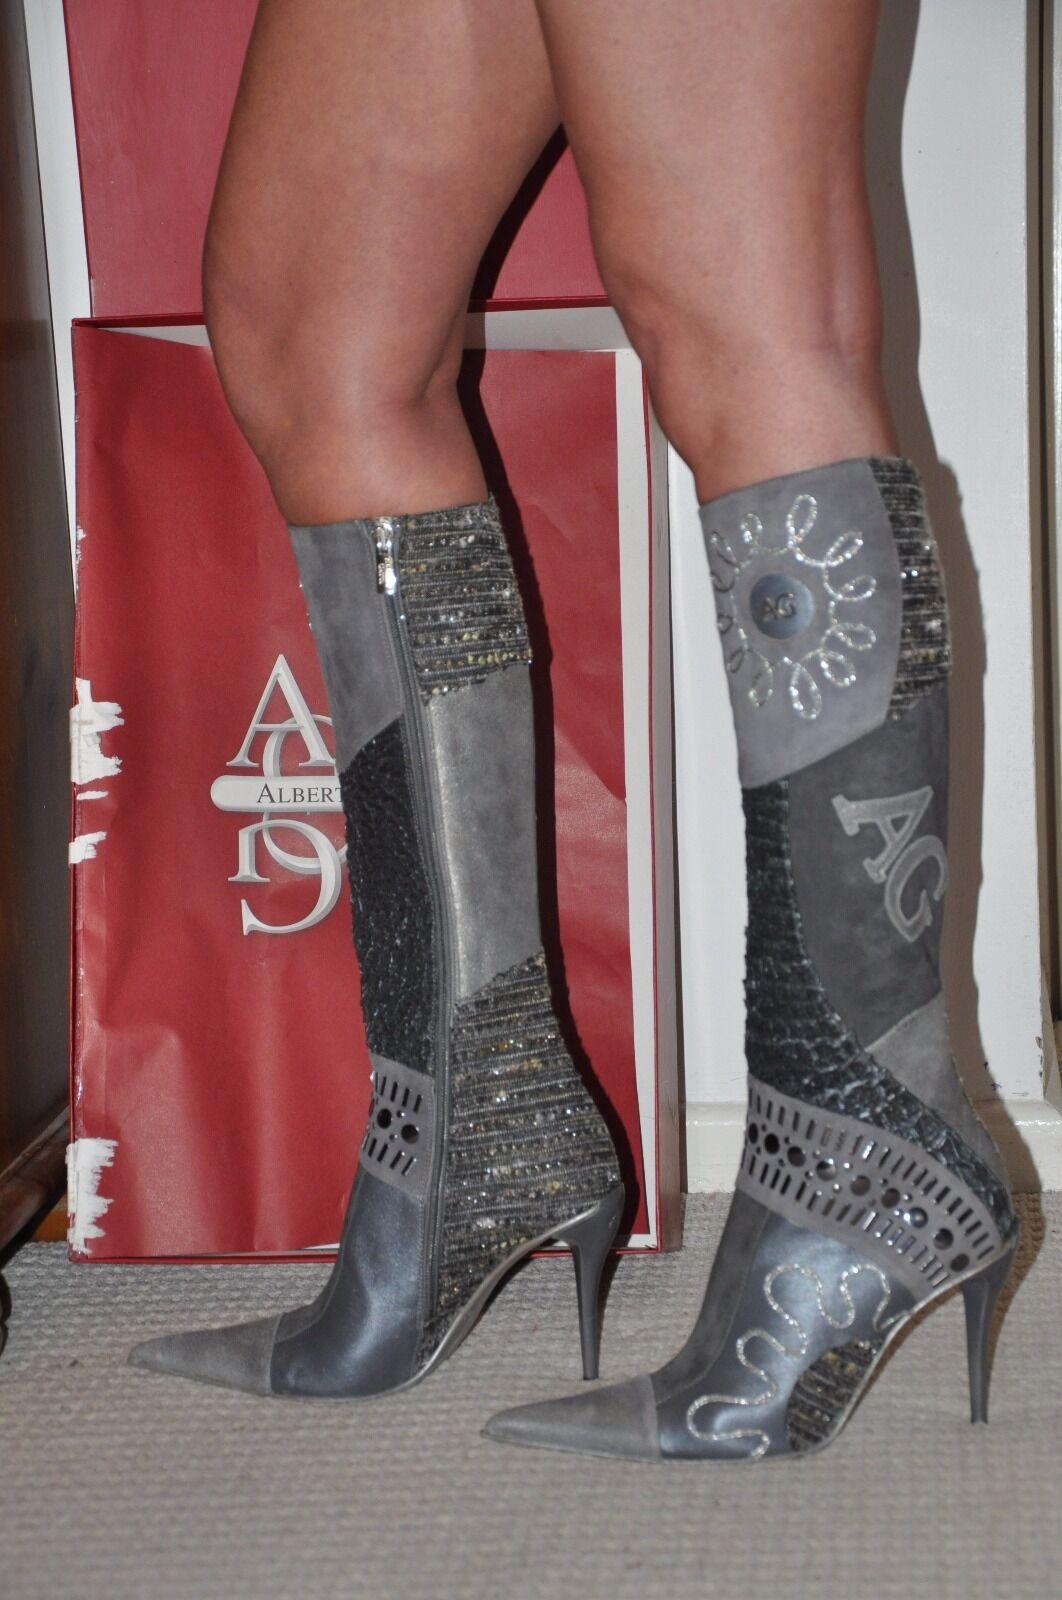 Partito Alberto Gatti Stivali lunghi in Combinazione, vera pelle, grigio, Colorato Combinazione, in UK4 EU 37 13f5ec